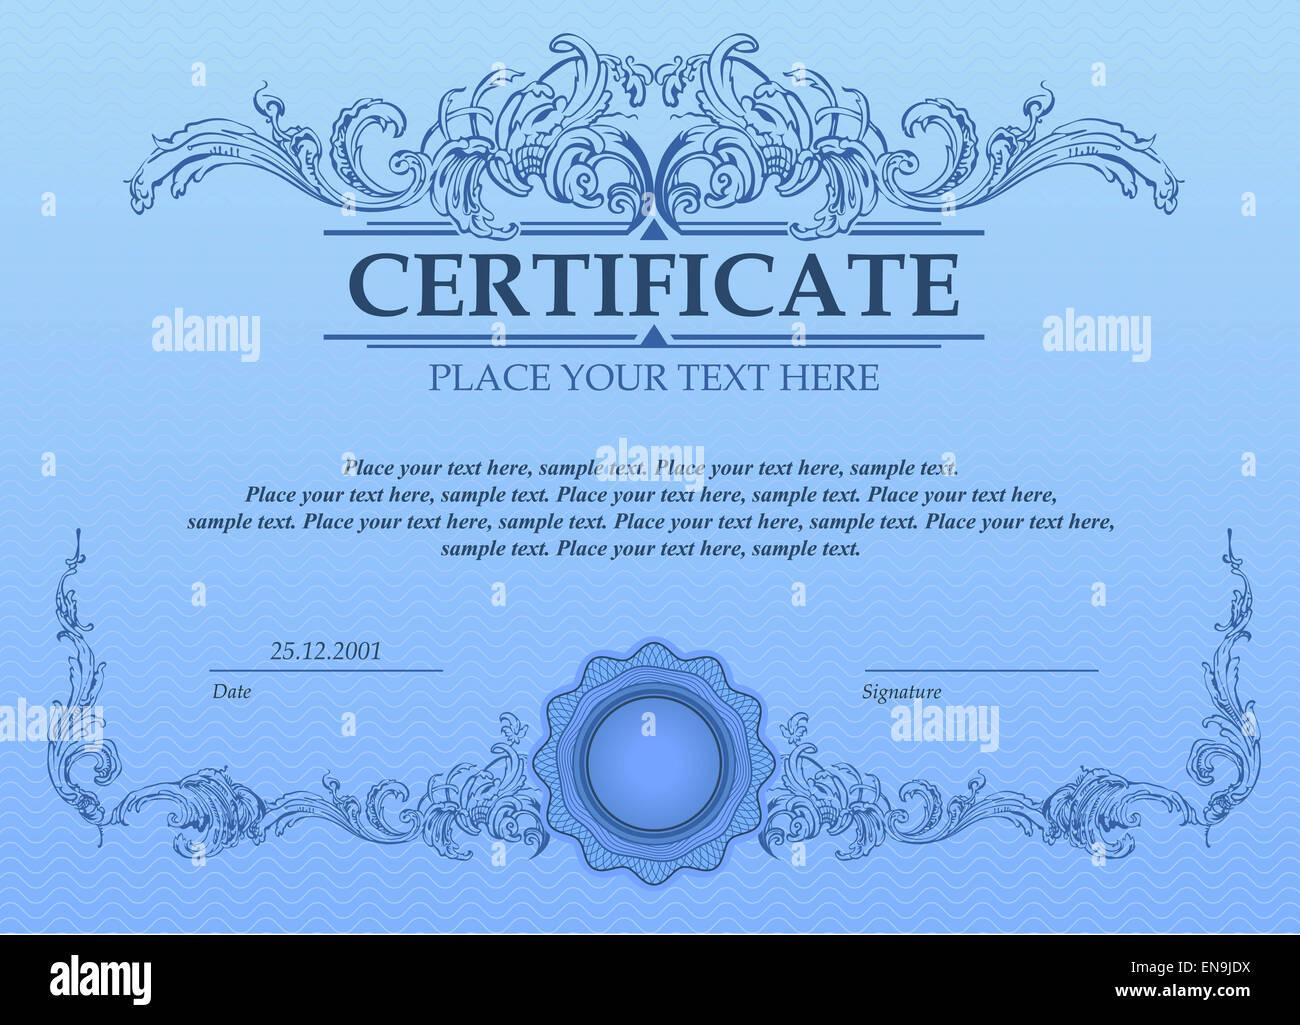 Nett Zertifikat Der Analysevorlage Ideen - Entry Level Resume ...